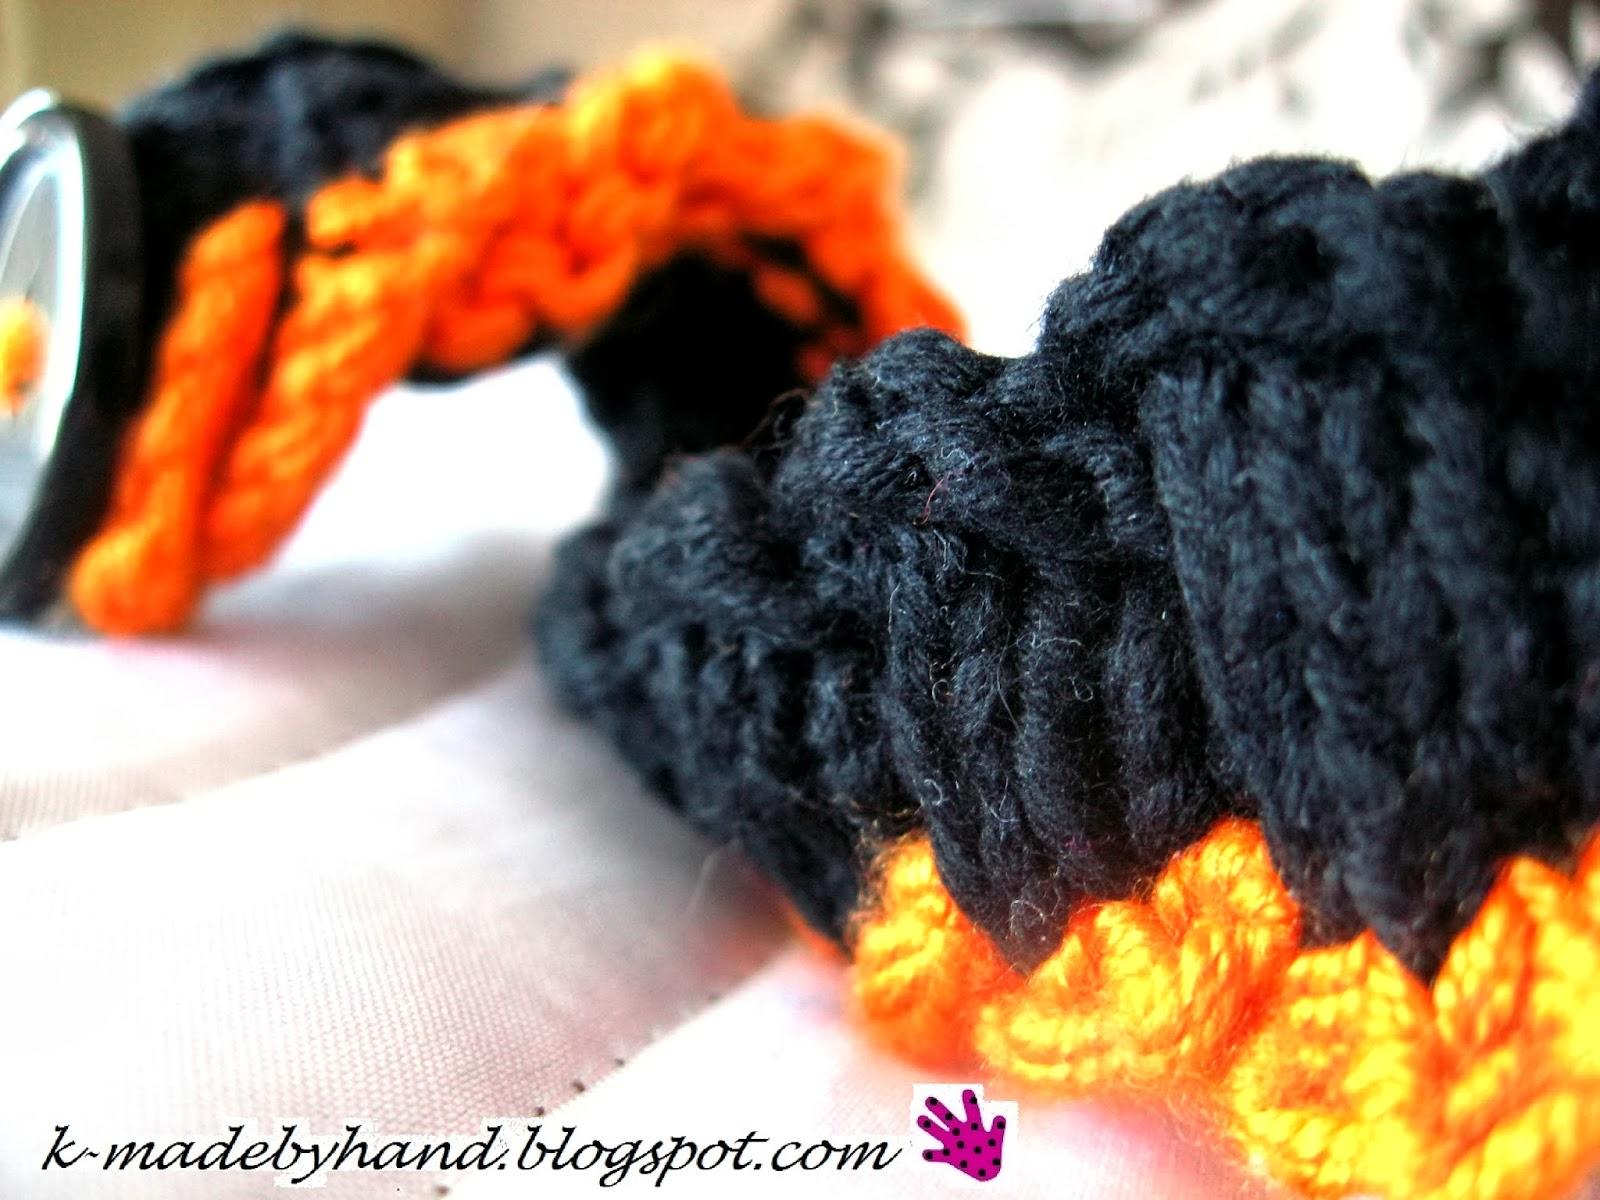 Black and orange – Czerń i pomarańcz w roli głównej